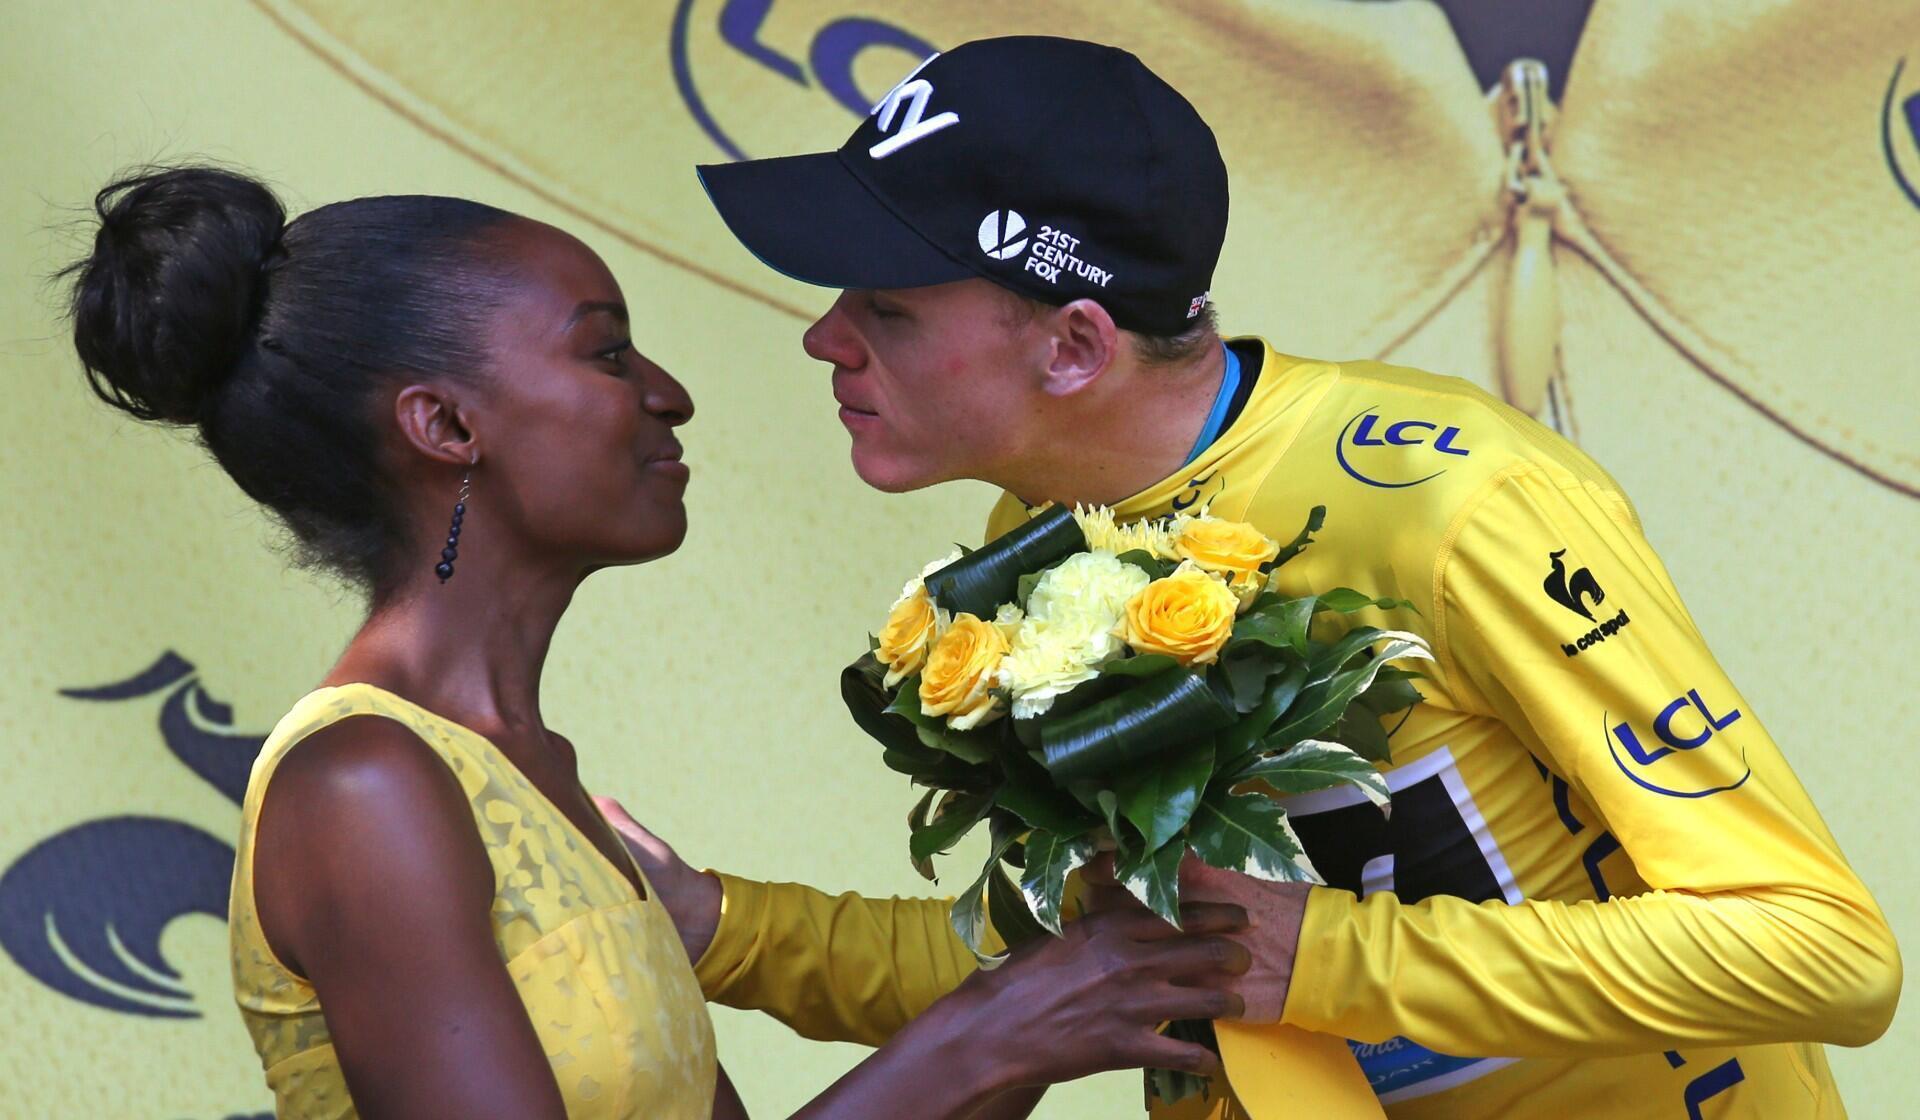 El británico y cuatro veces ganador del Tour de Francia Christopher Froome besa a una anfitriona en el podio durante la edición 2015 de la carrera.